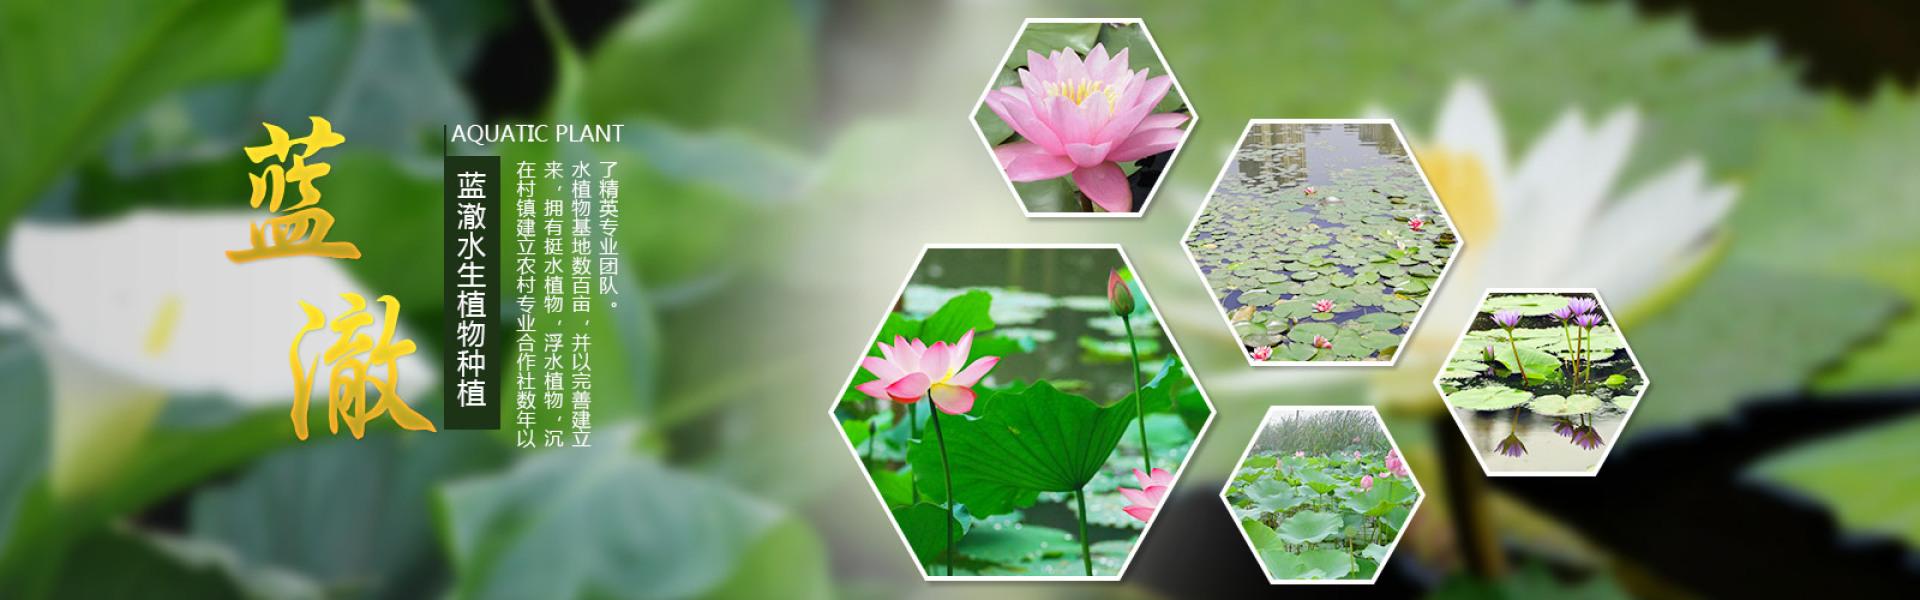 本公司在村镇建立农村专业合作社数年以来拥有挺水植物,浮谁植物,沉水植物,基地数百亩,并以完善建立了精英专业团队。